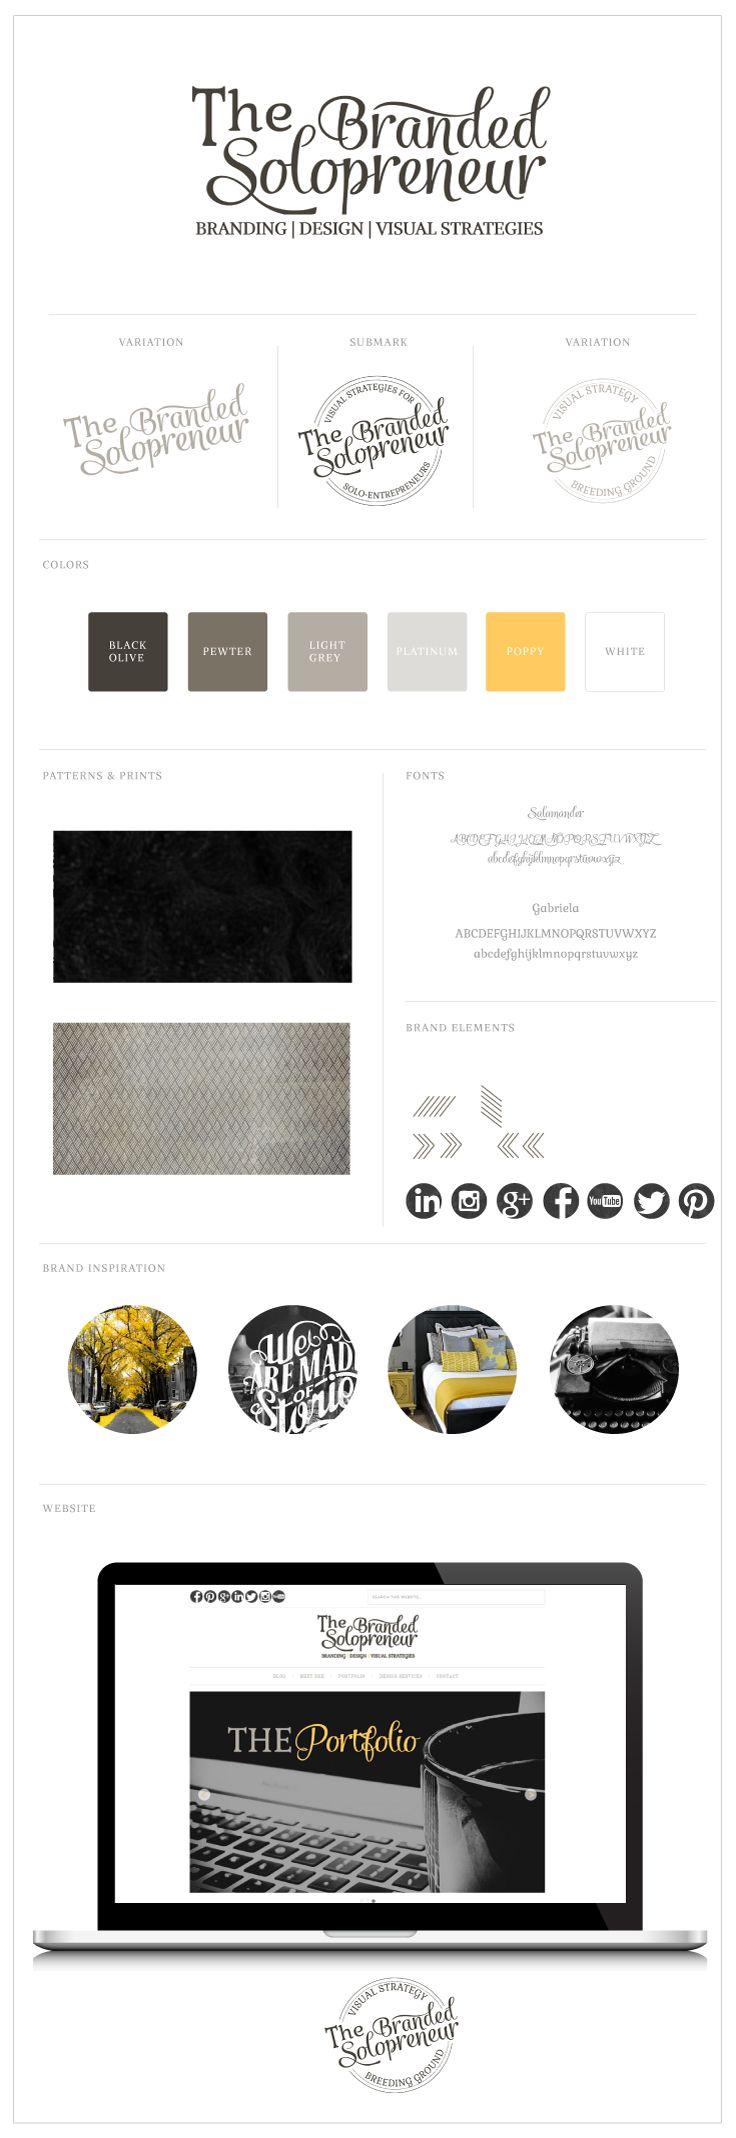 The Branded Solopreneur Brand Styling Board - http://thebrandedsolopreneur.com/